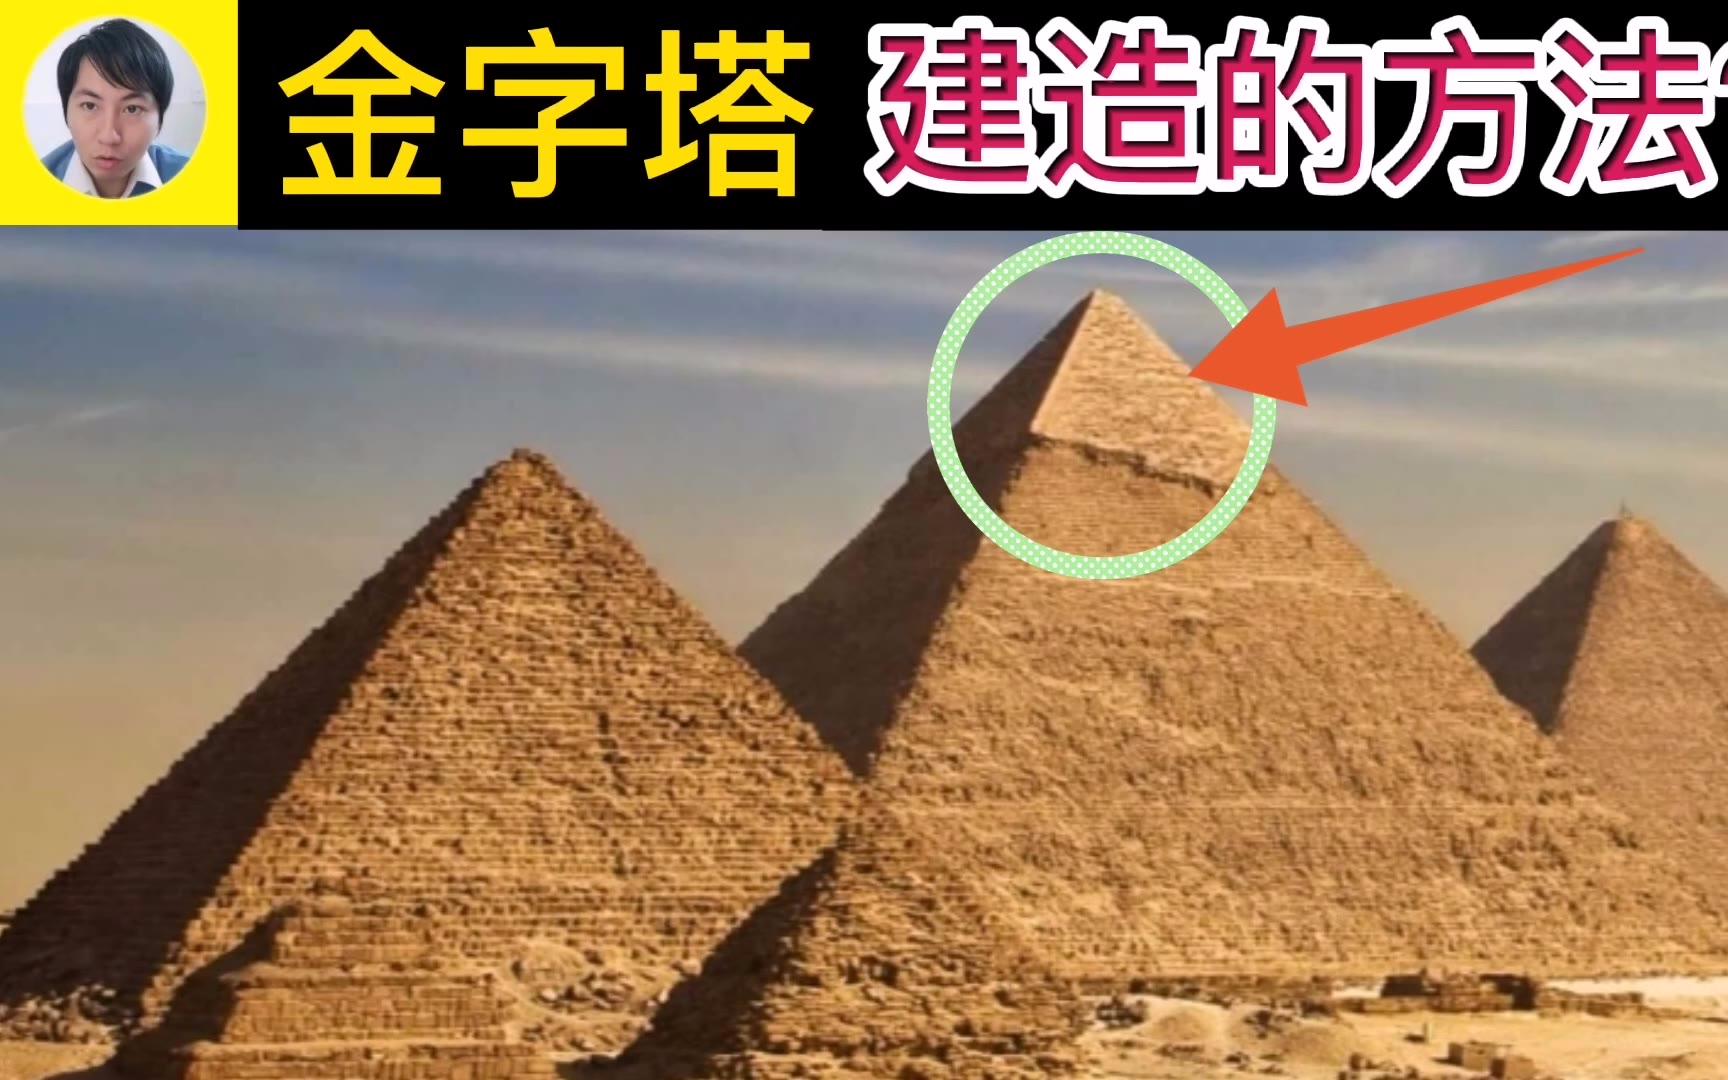 金字塔秘密,不是外星人手笔,也不是上一代文明遗迹!